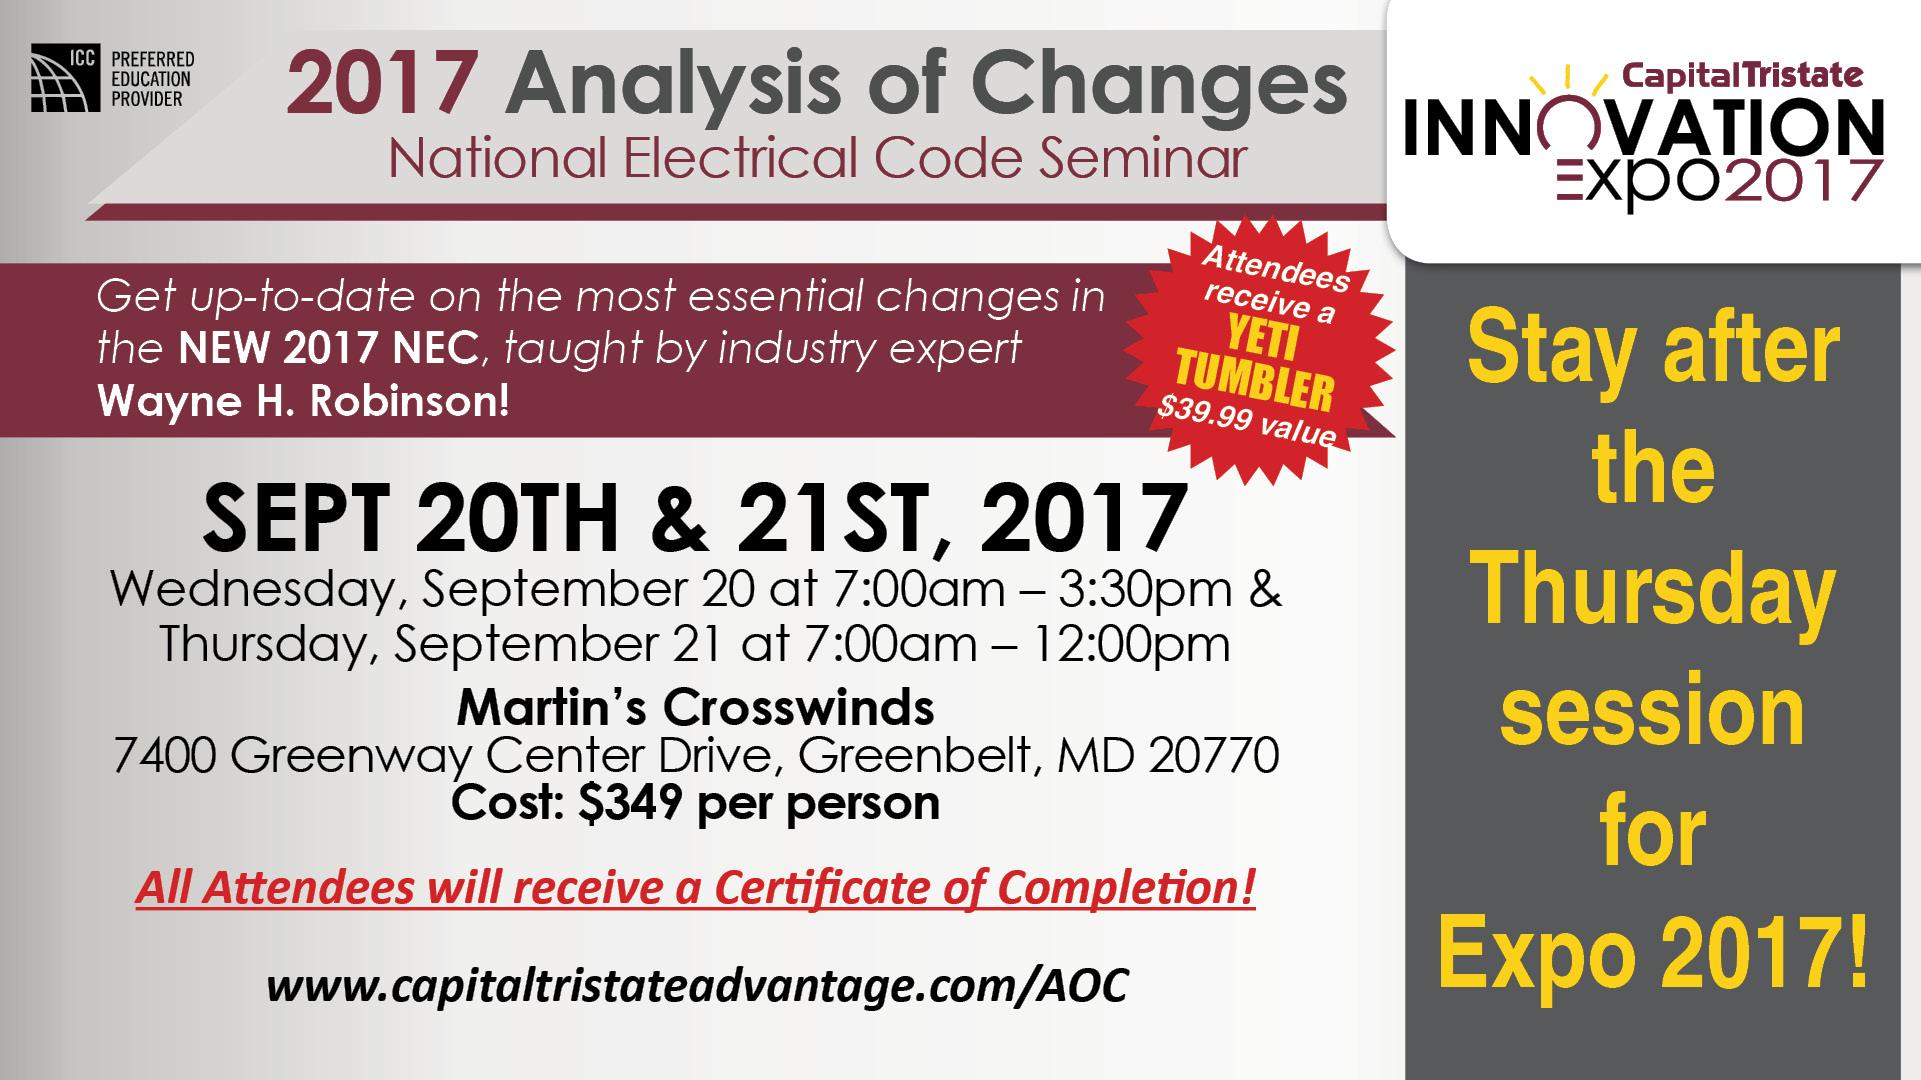 2017.09.20_Event_AnalysisofChanges&Expo_CTV_REV